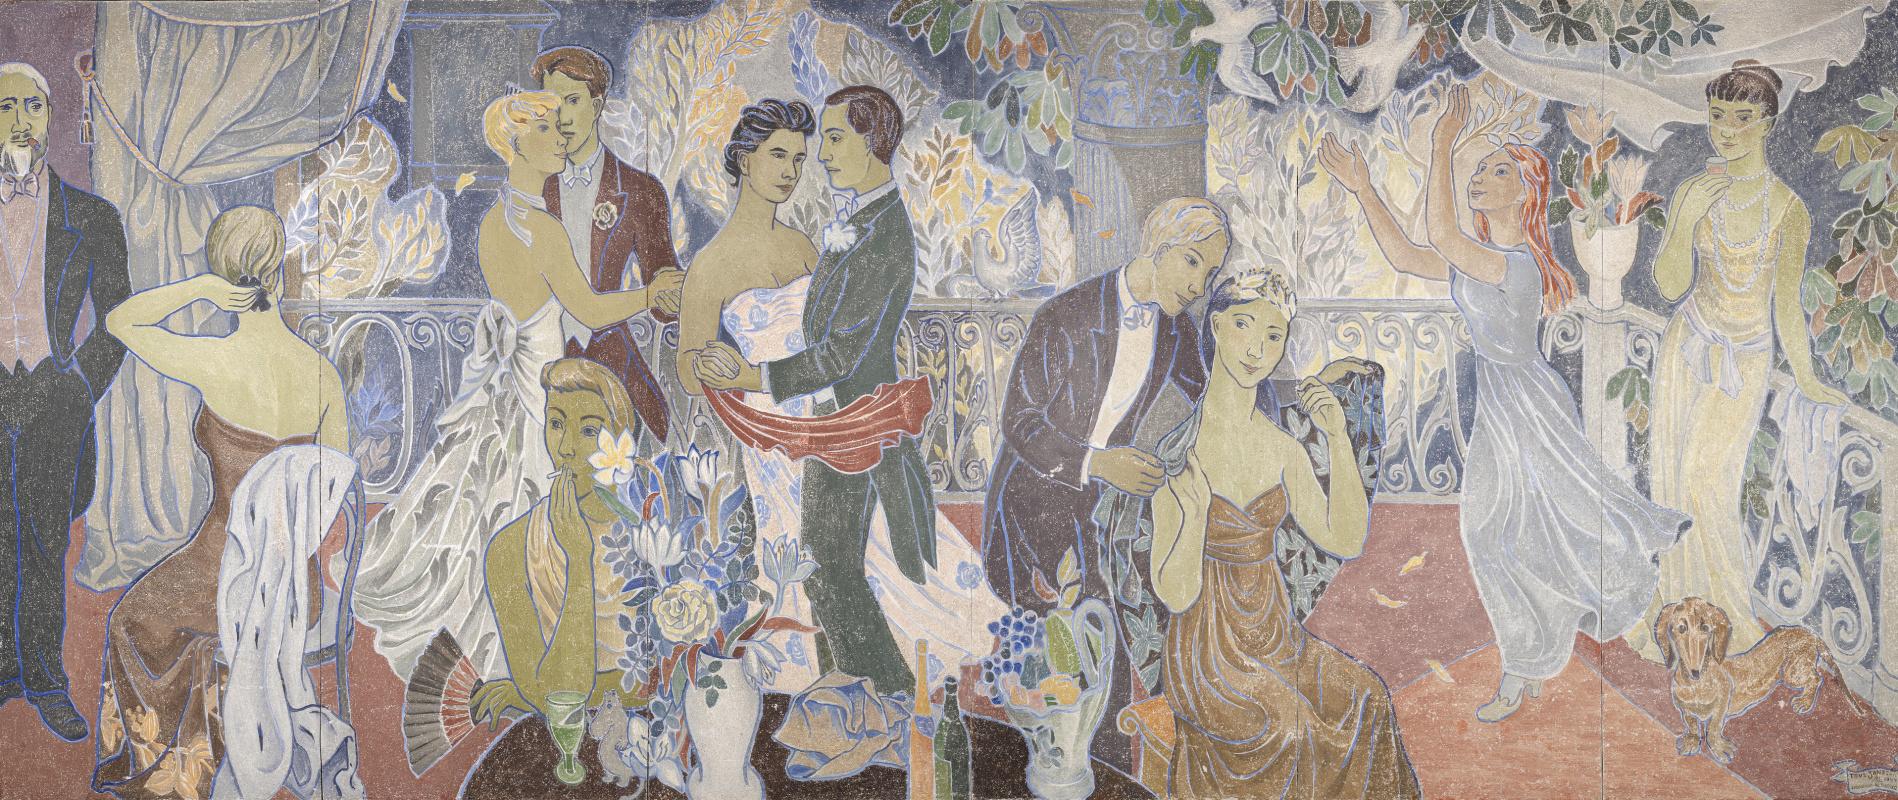 Туве Янссон. Праздник в городе. Роспись здания мэрии города Хельсинки